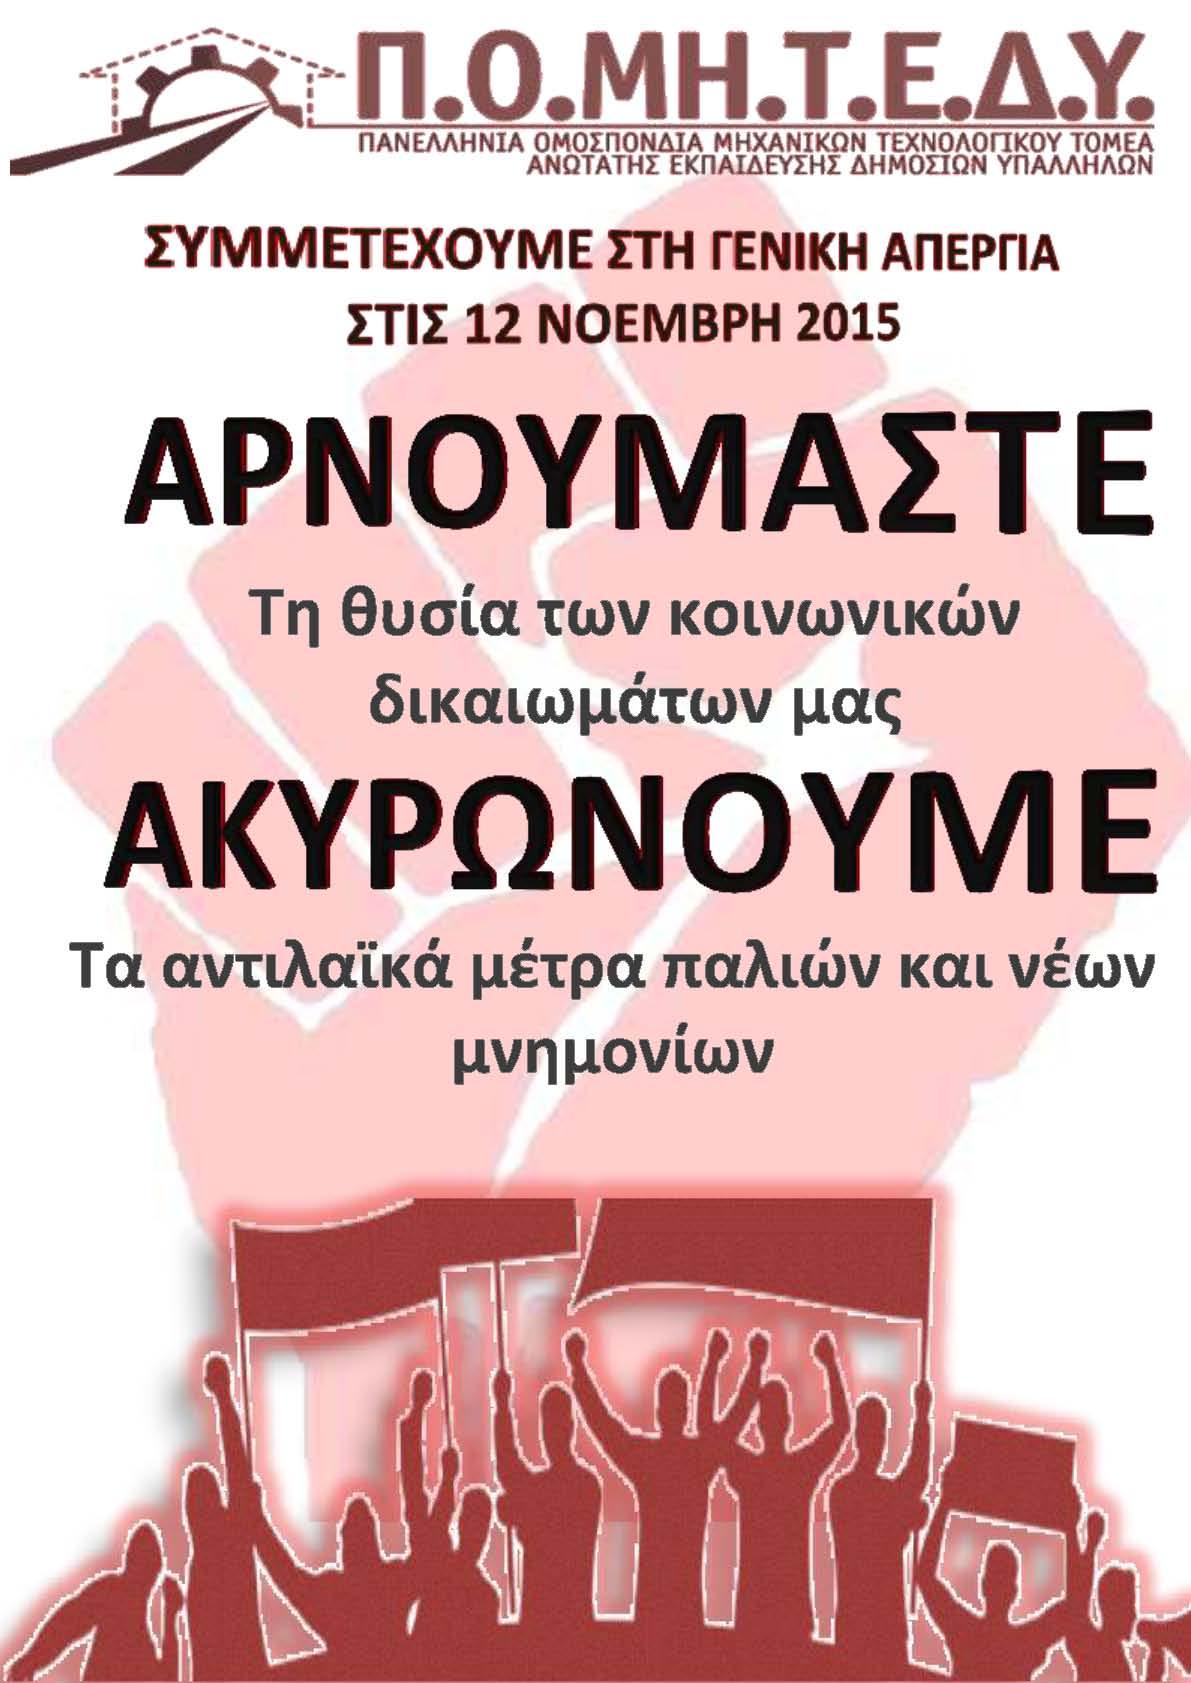 αφισα απεργια 12 νοεμβρη 2